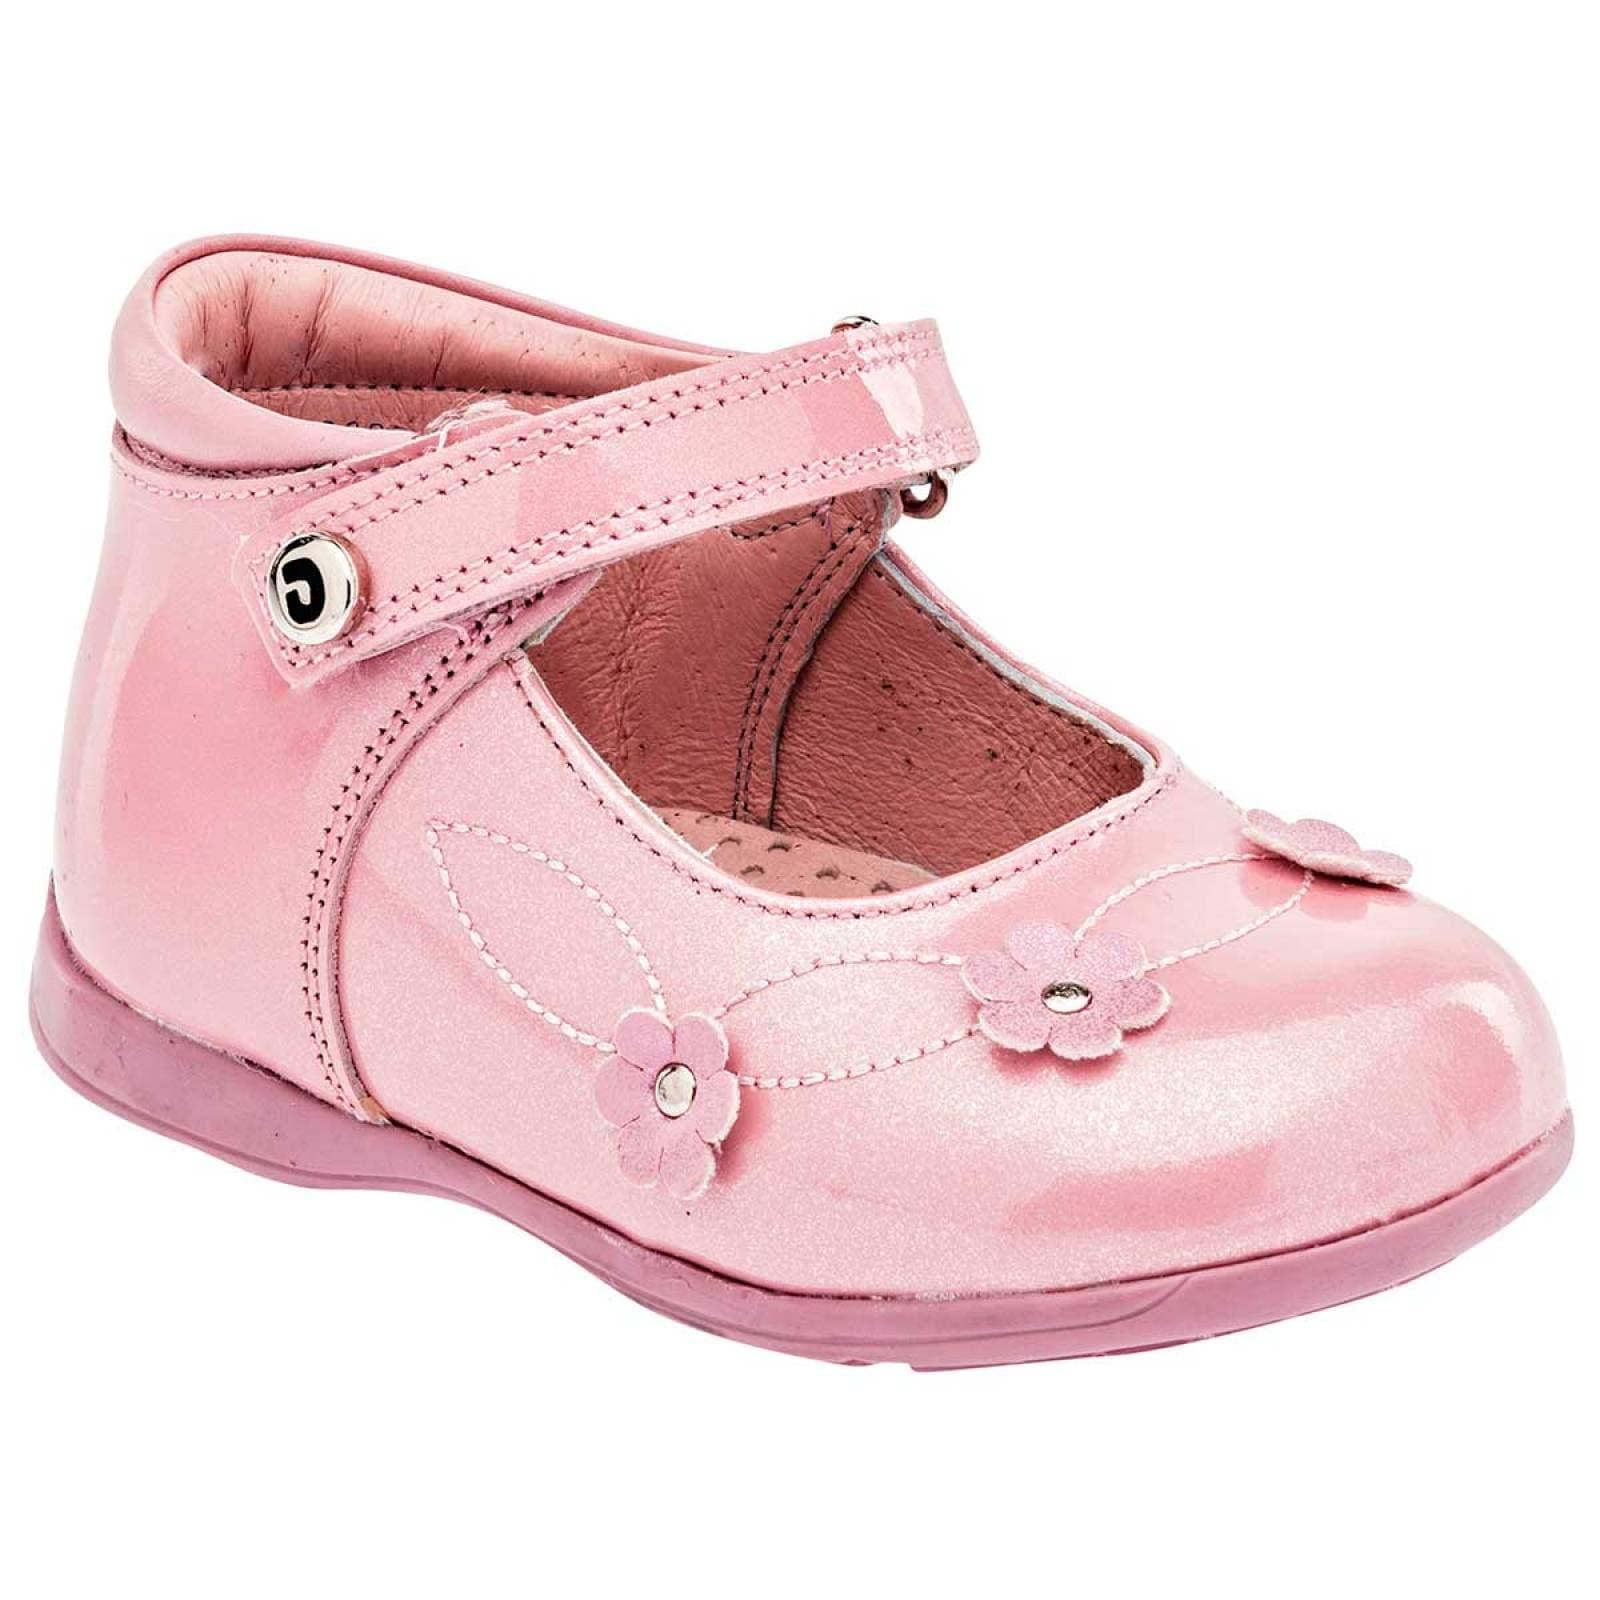 Dogi Zapato Niña bebe Rosa charol